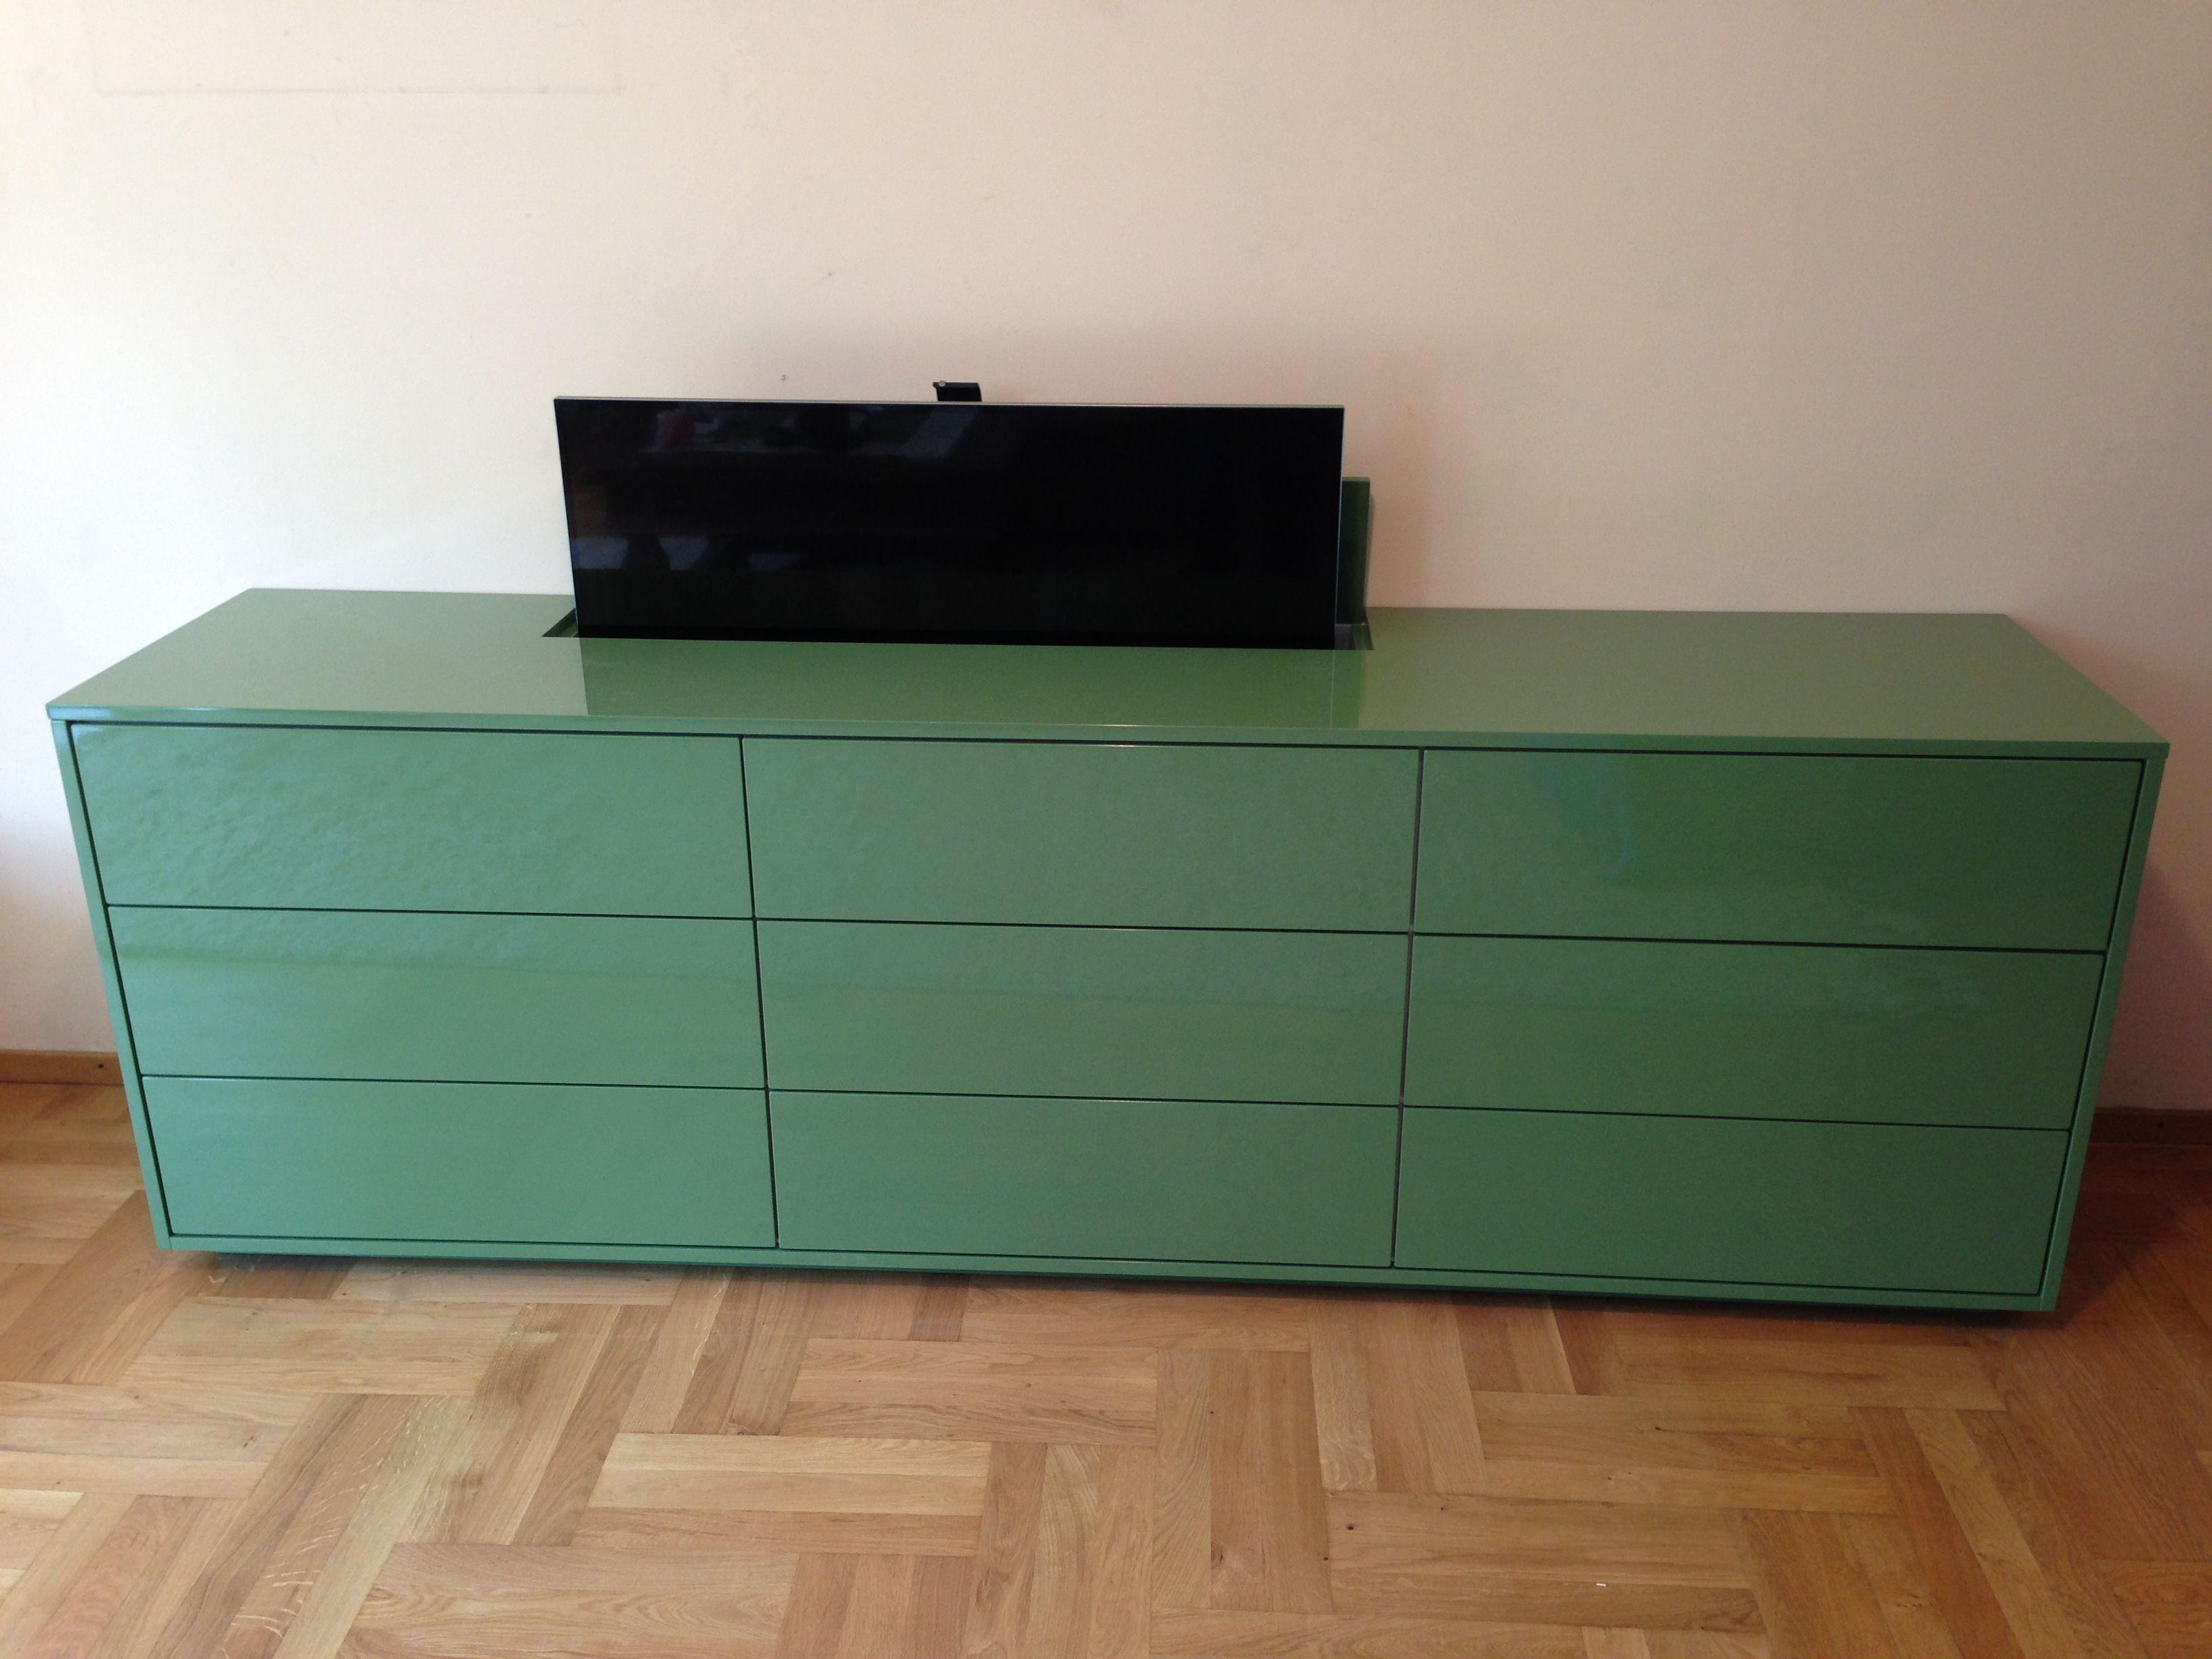 Tv Meubel Betegelen : Tv meubel geplaatst bij dhr cornelis in heerlen maatwerk